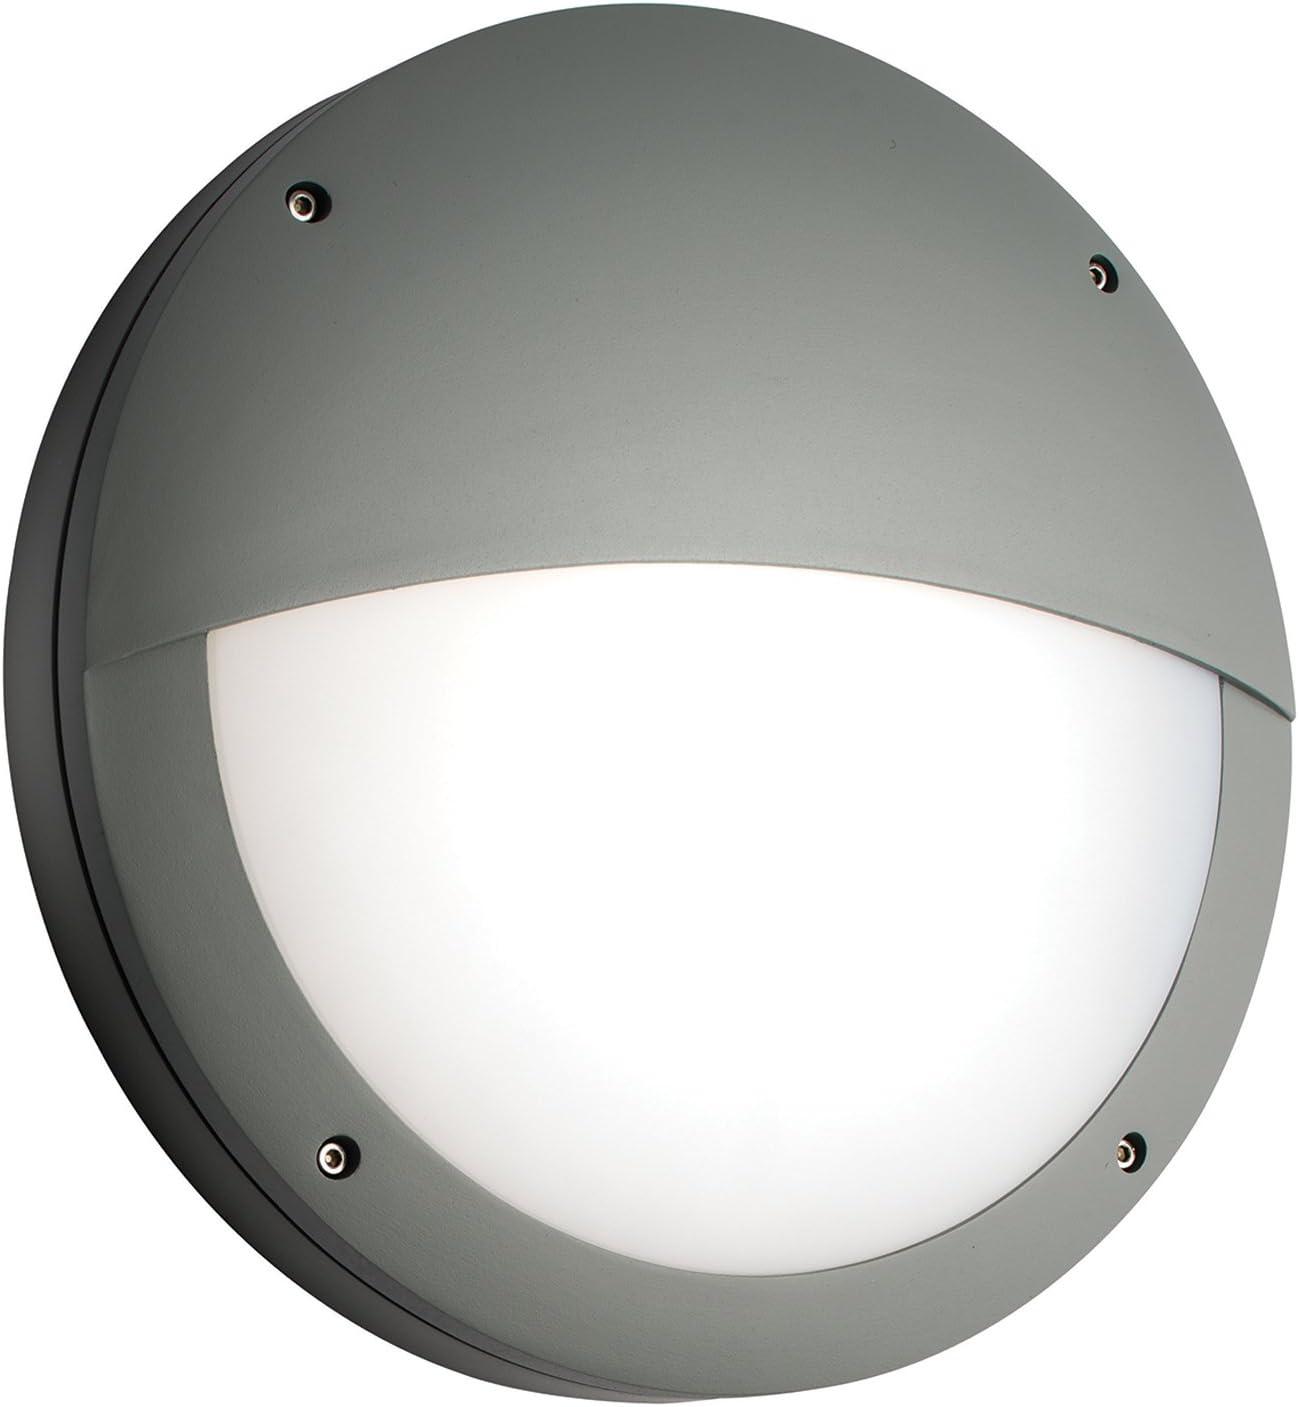 Saxby Luik 18w & 0.7w Párpado ALUMINIO GRIS EXTERIOR IP65 Slimline ...